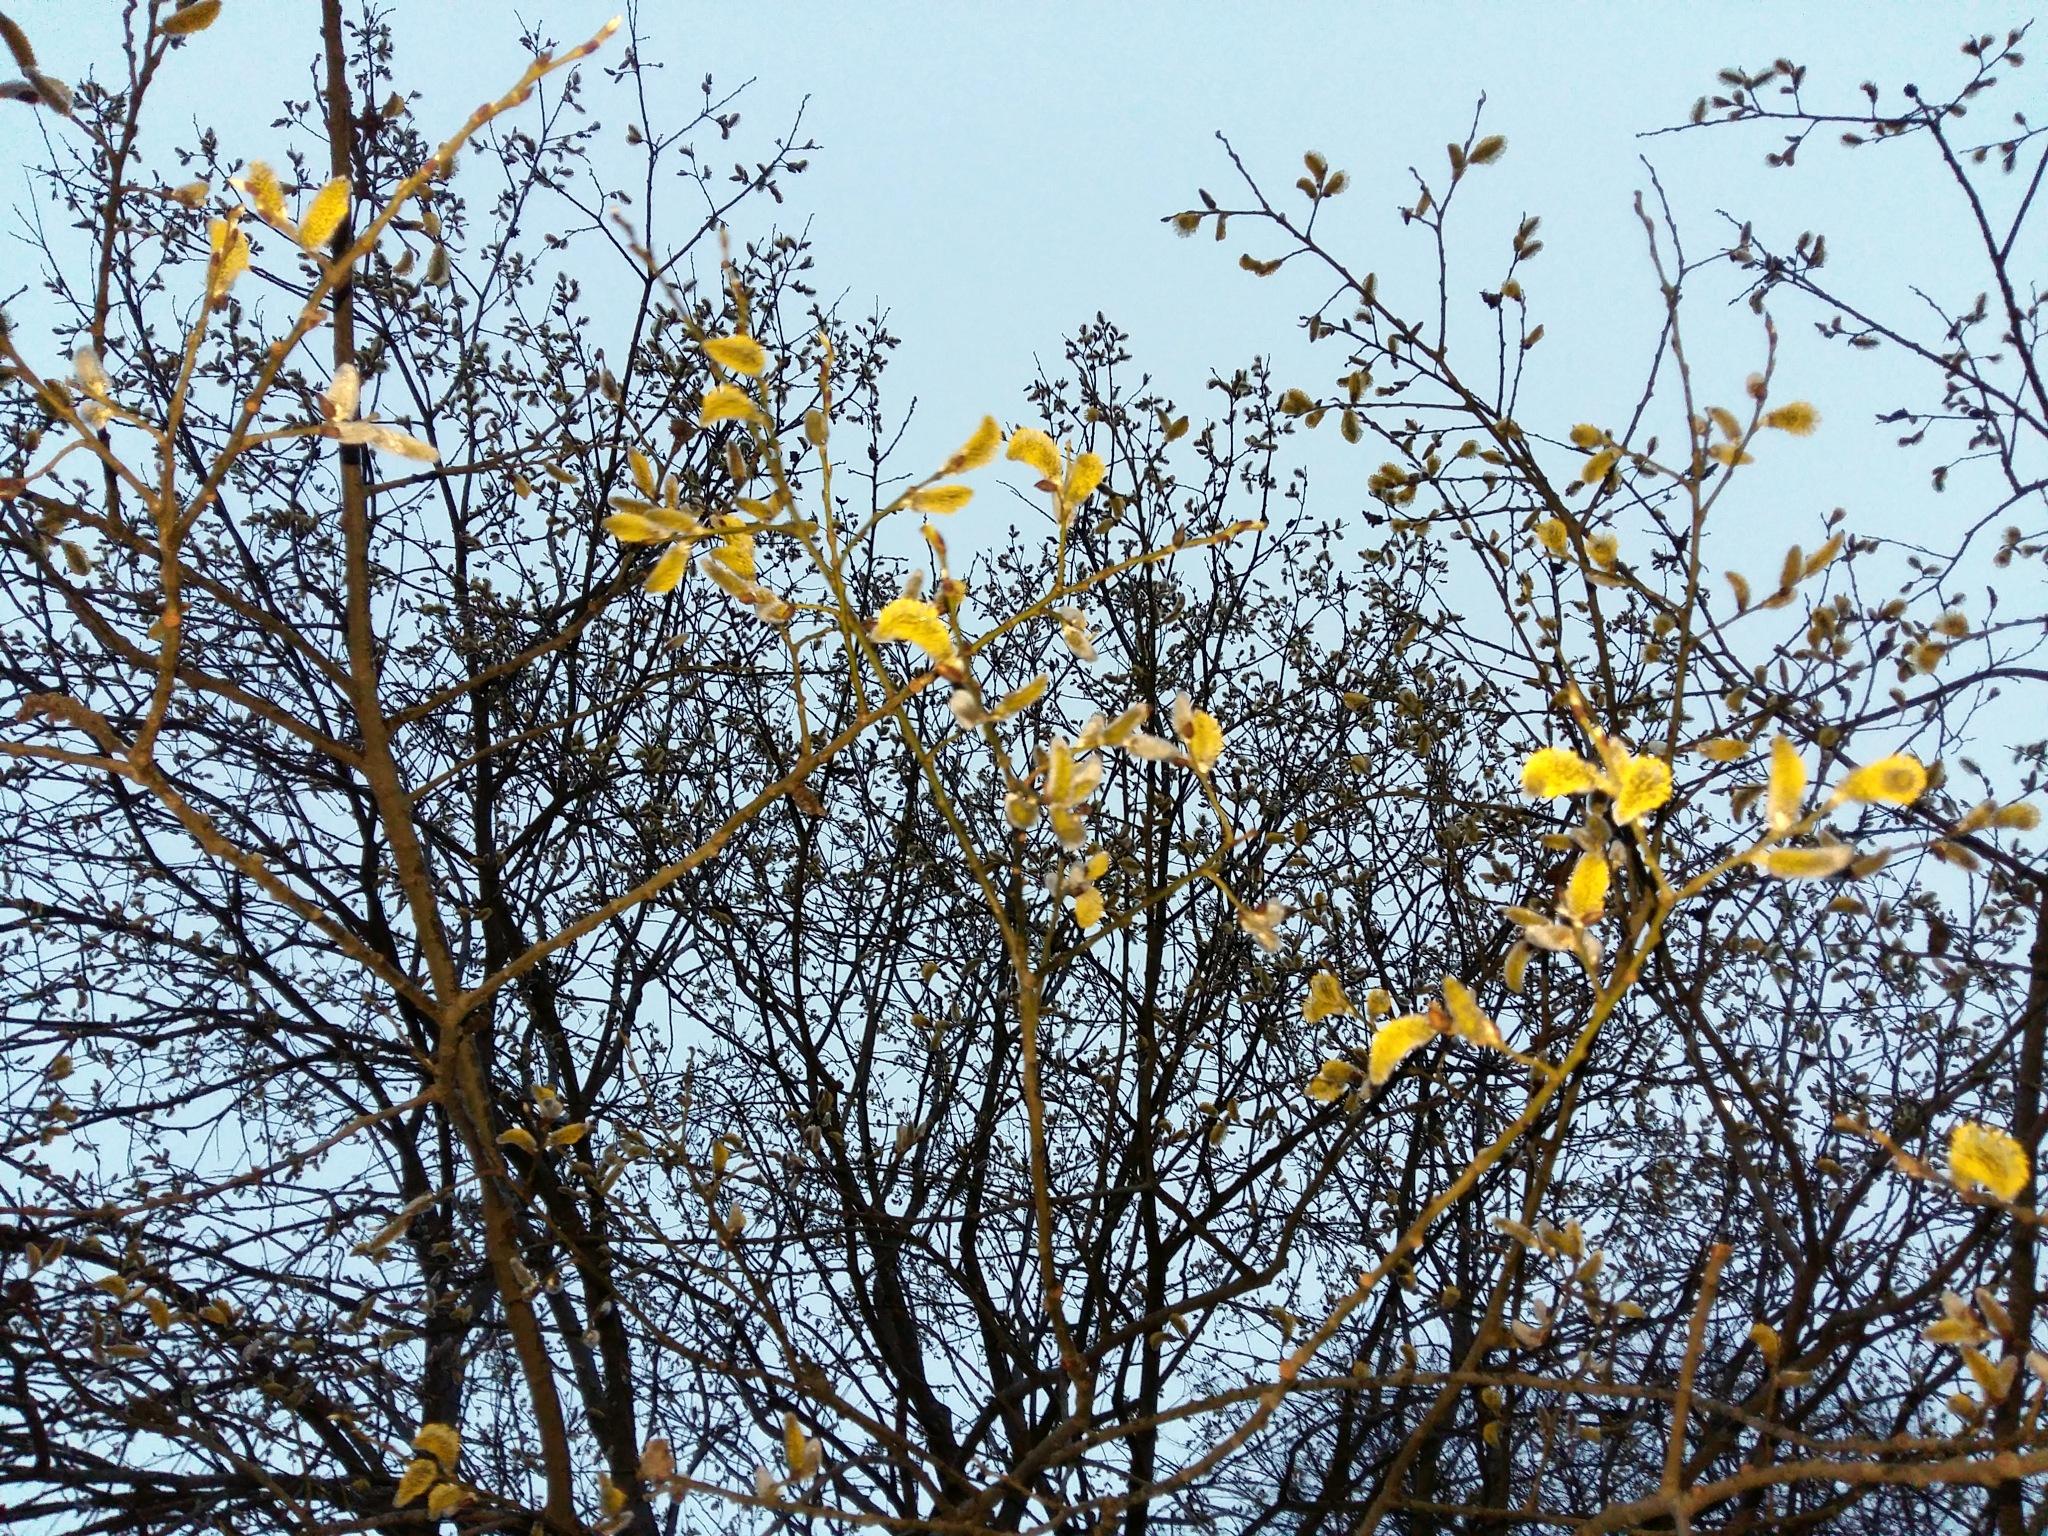 Sallow in spring by uzkuraitiene62